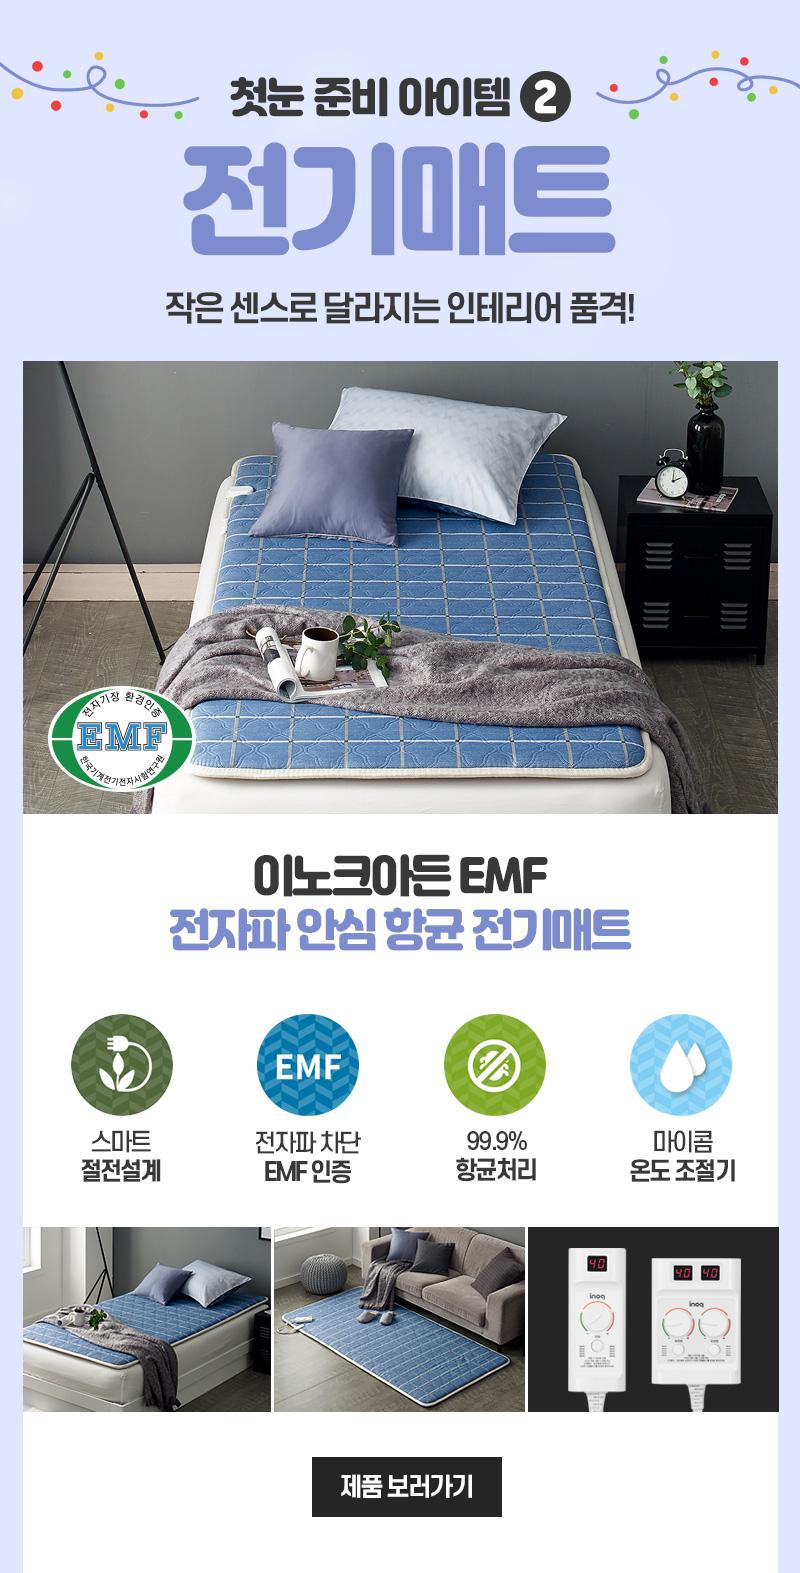 이노크아든 EMF 전기매트